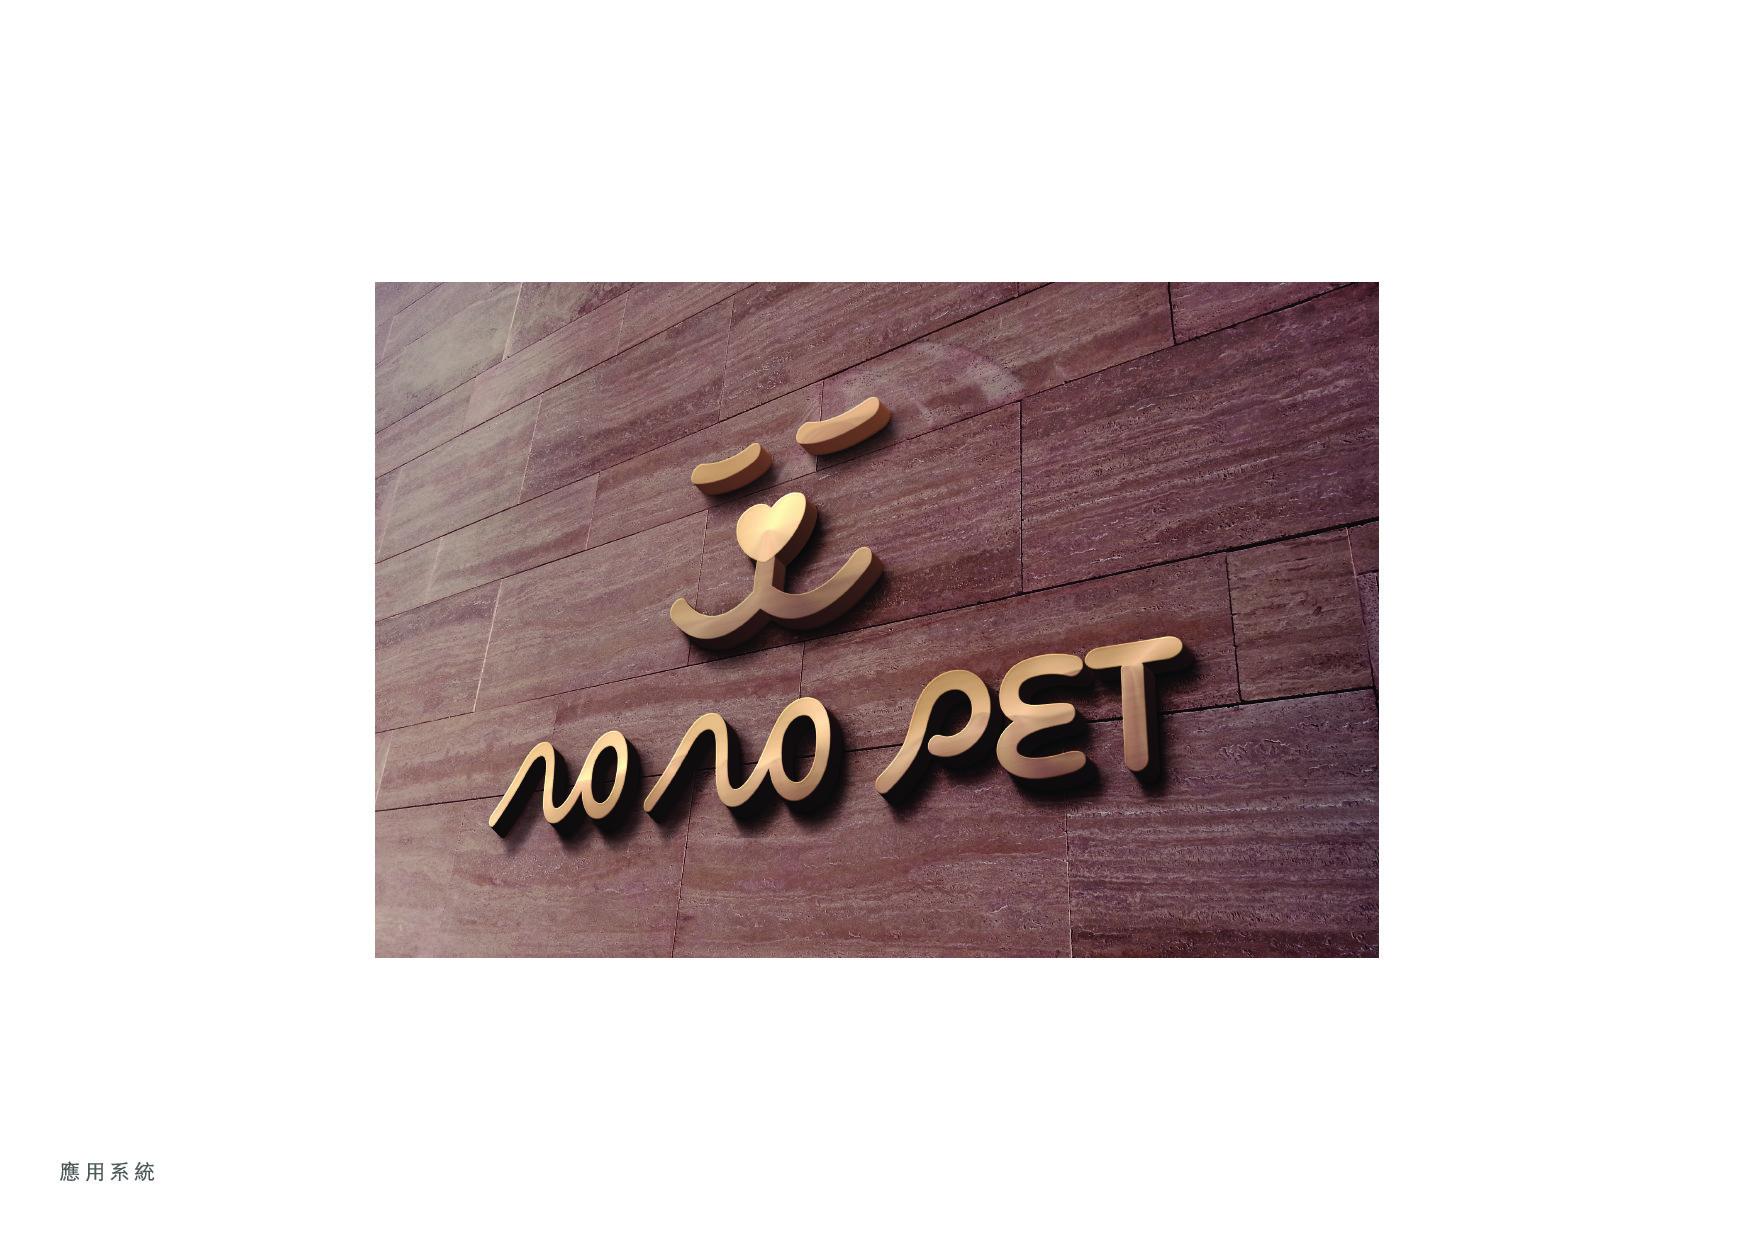 4_不是寵物店提案_p014